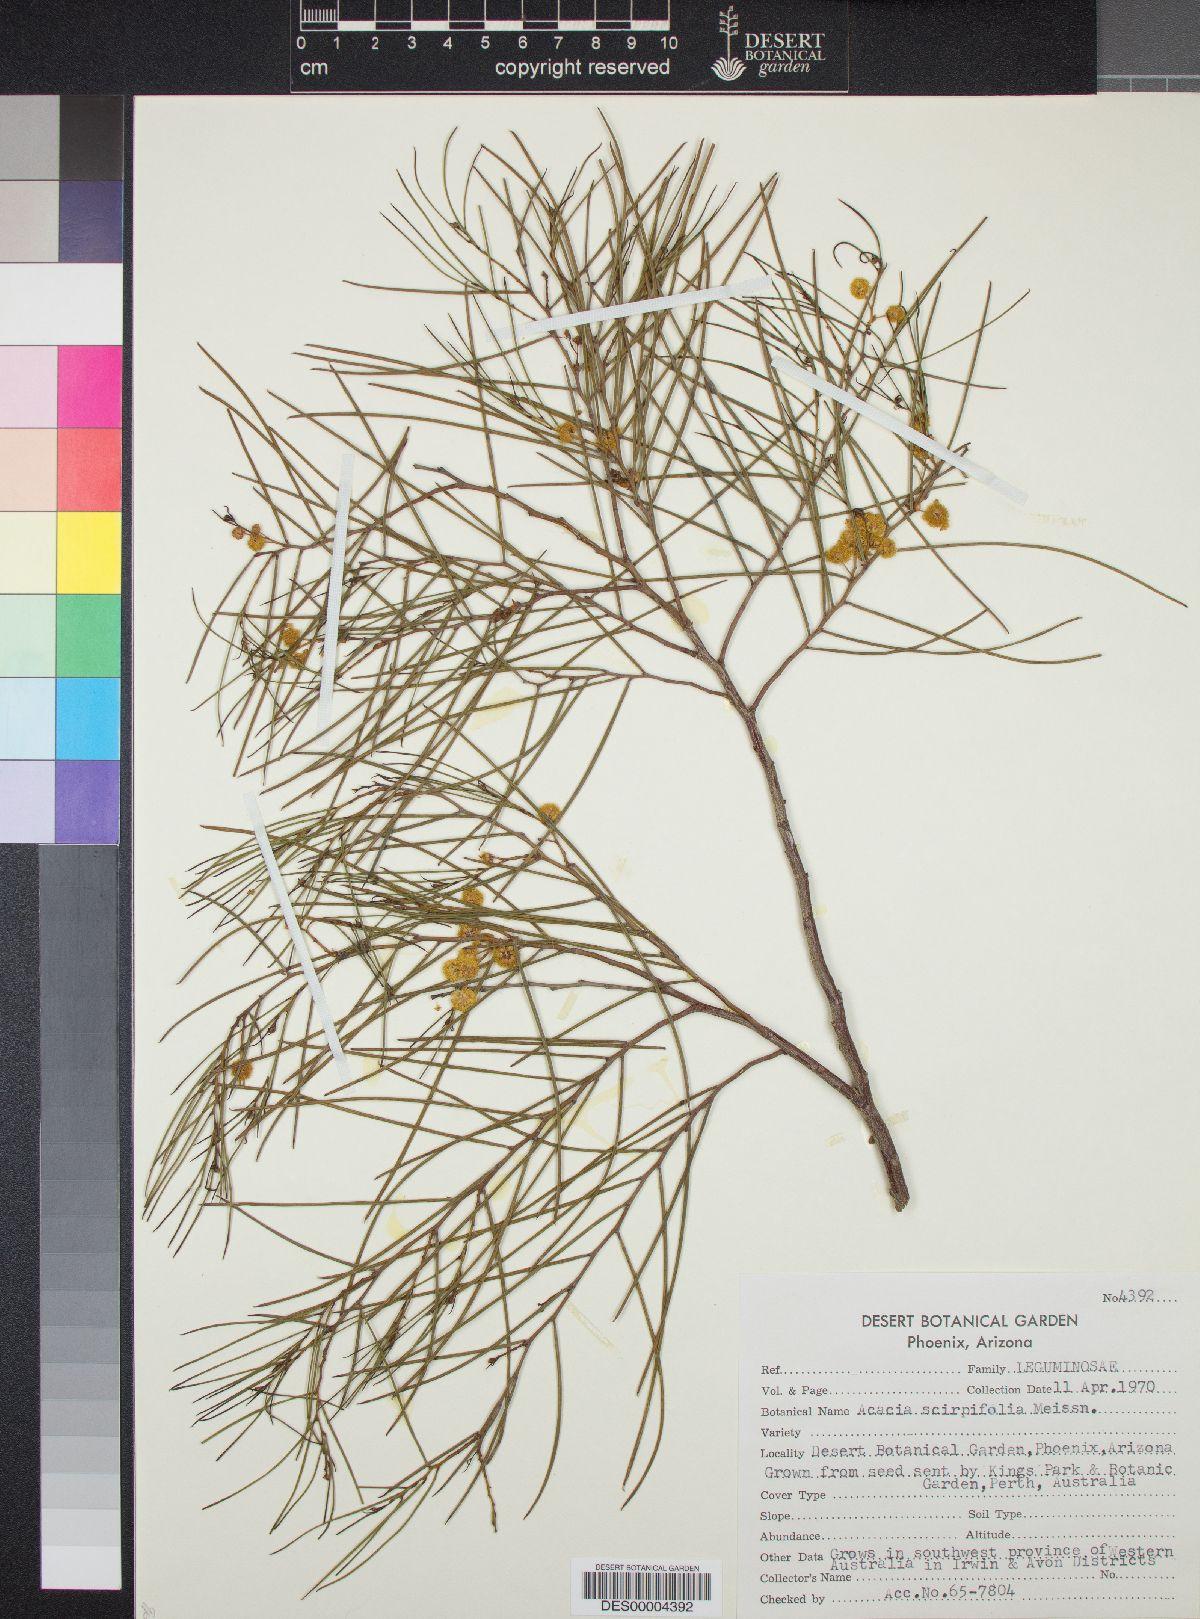 Acacia scirpifolia image